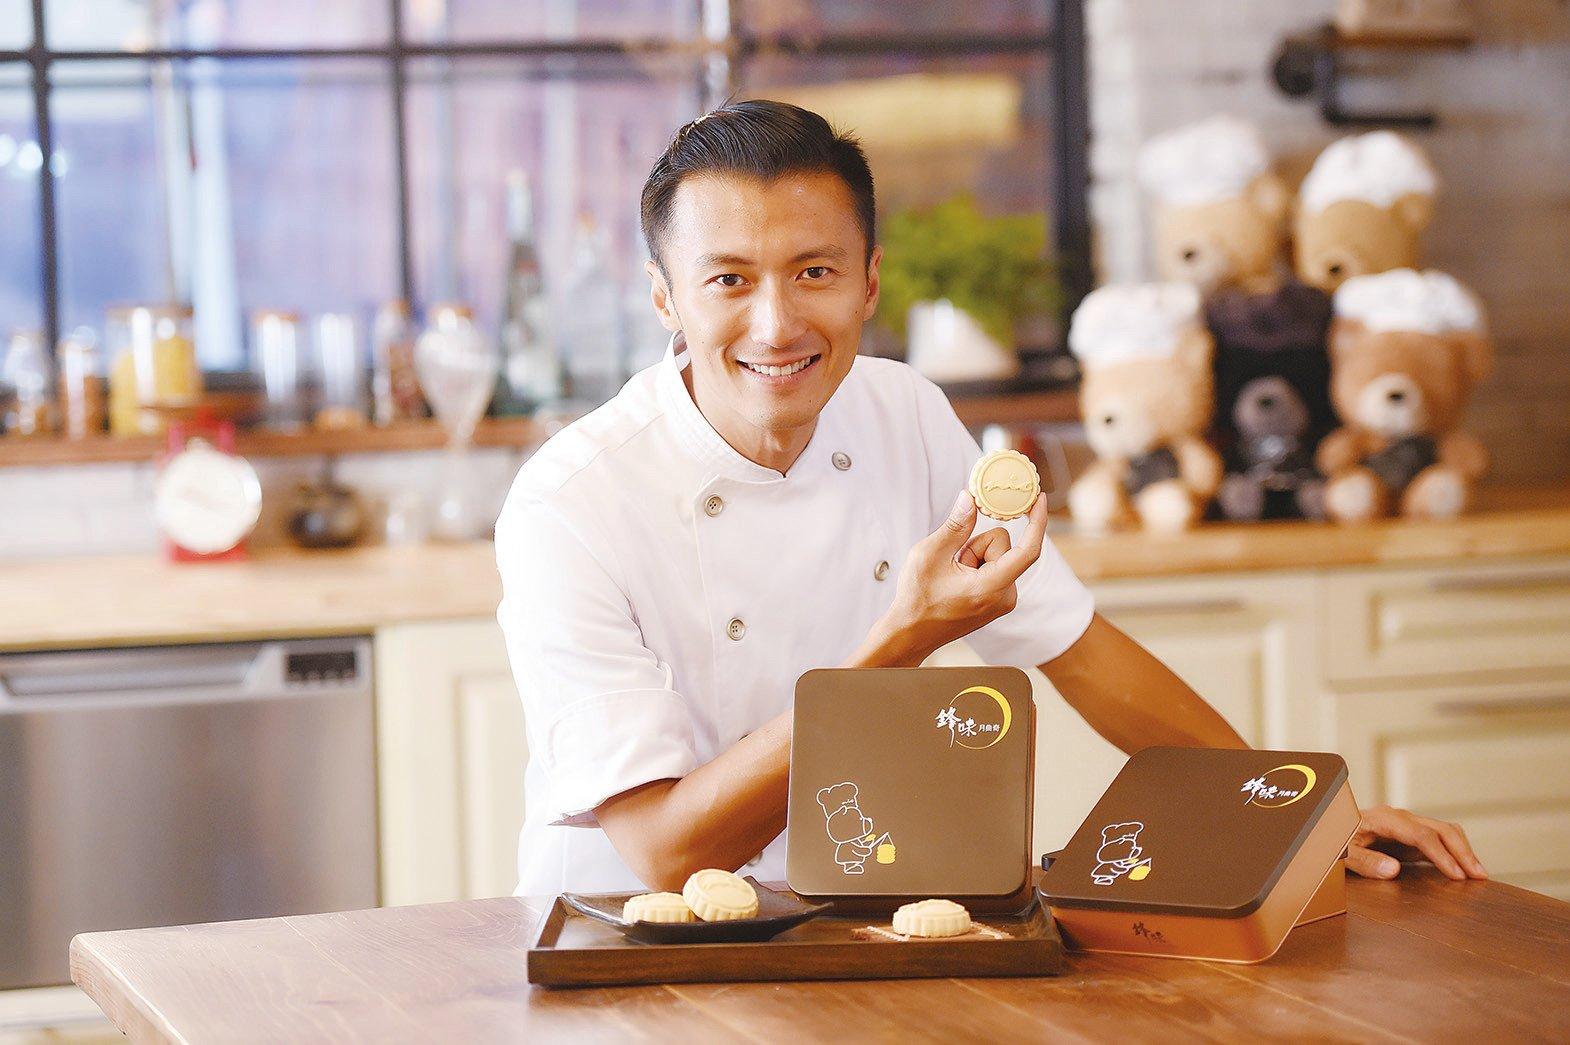 謝霆鋒到北京宣傳美食節目,被問到是否在當地開餐廳。(資料圖片)